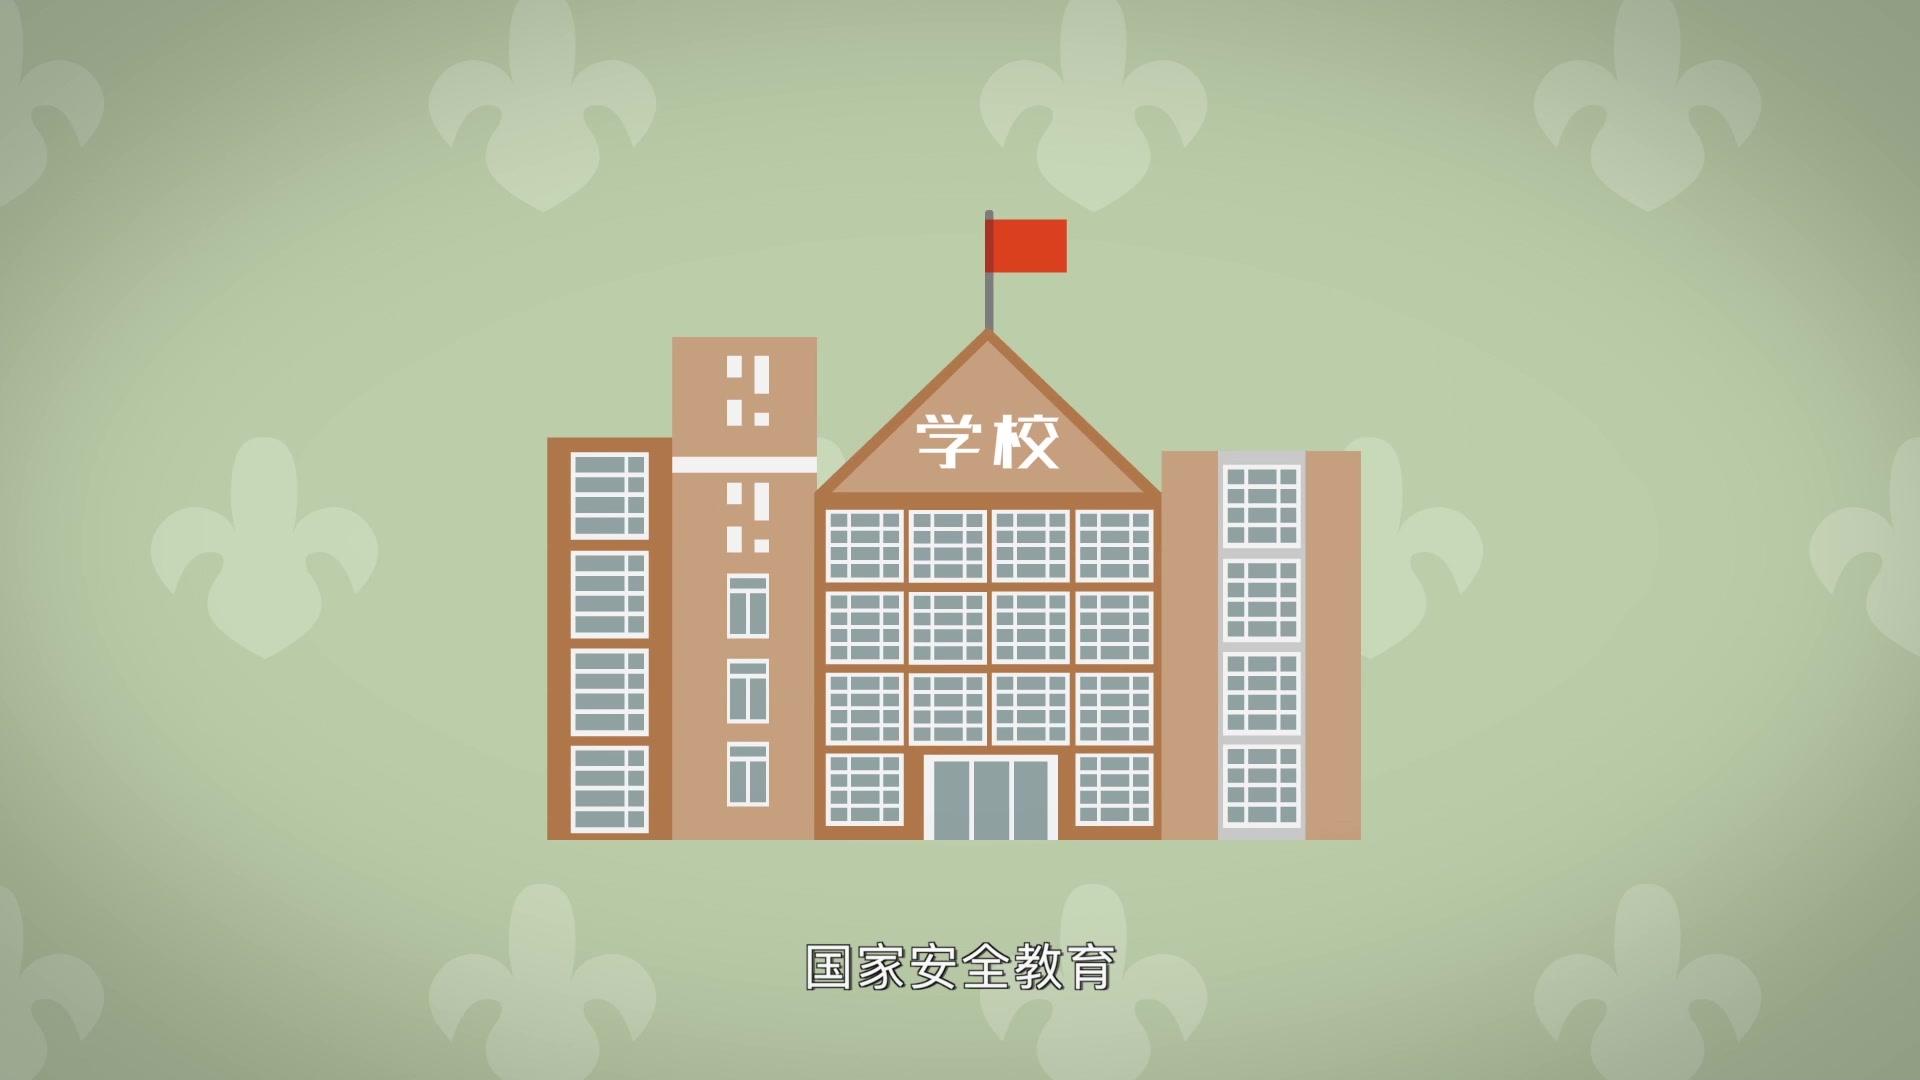 社会资讯_总体国家安全观宣传片 - 搜狐视频